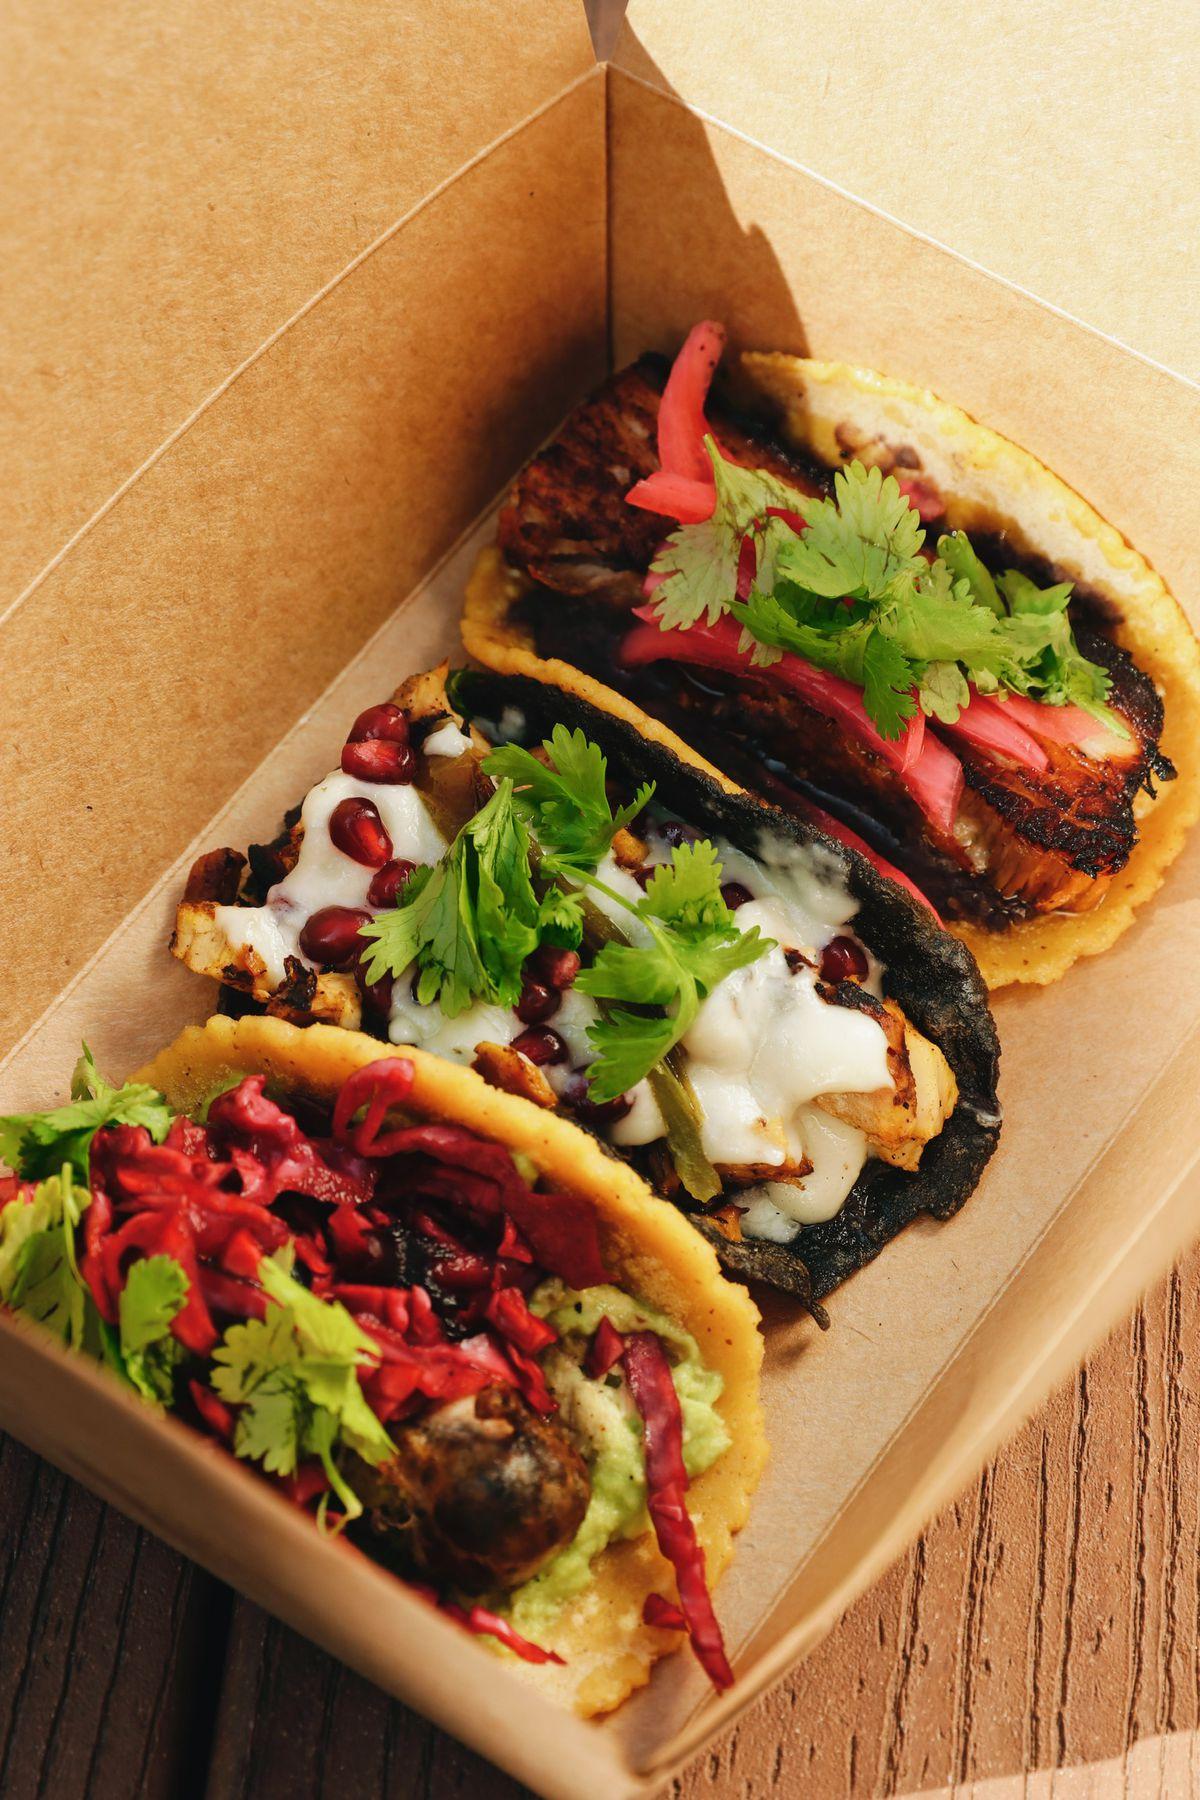 Los Taquero Mucho's tacos at BLVD MRKT in Montebello, California